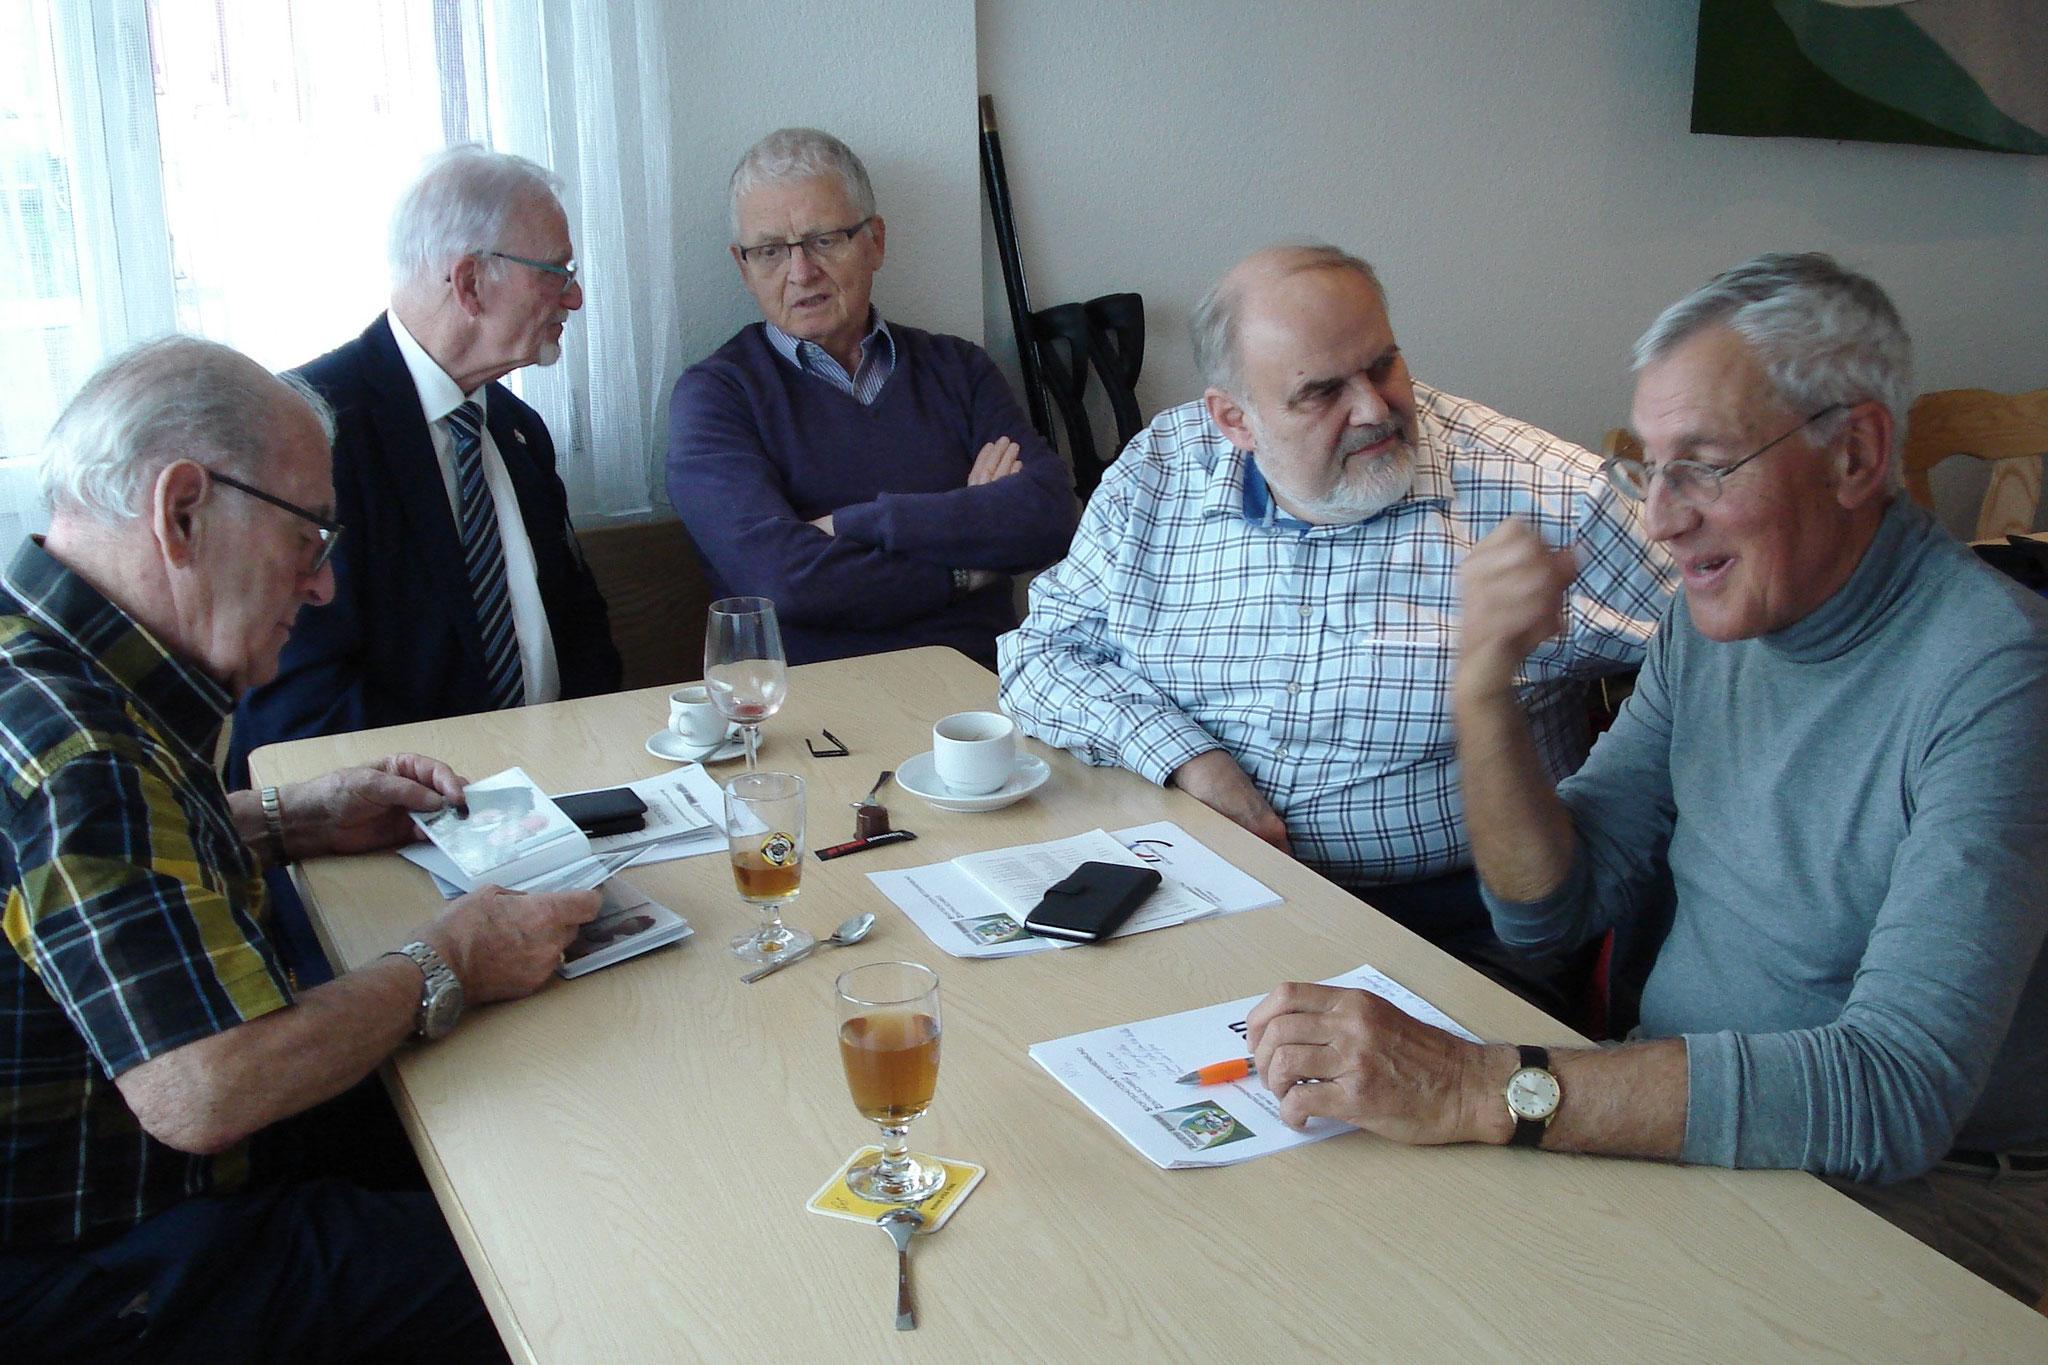 Verdiente ehemalige und aktuelle Funktionäre von links EM Sepp Spiess, VSS-Vorstand Bruno Kaufmann, Theo Ehrler, Hanspeter Schmid, SVZ-Schützenmeister André Sigrist